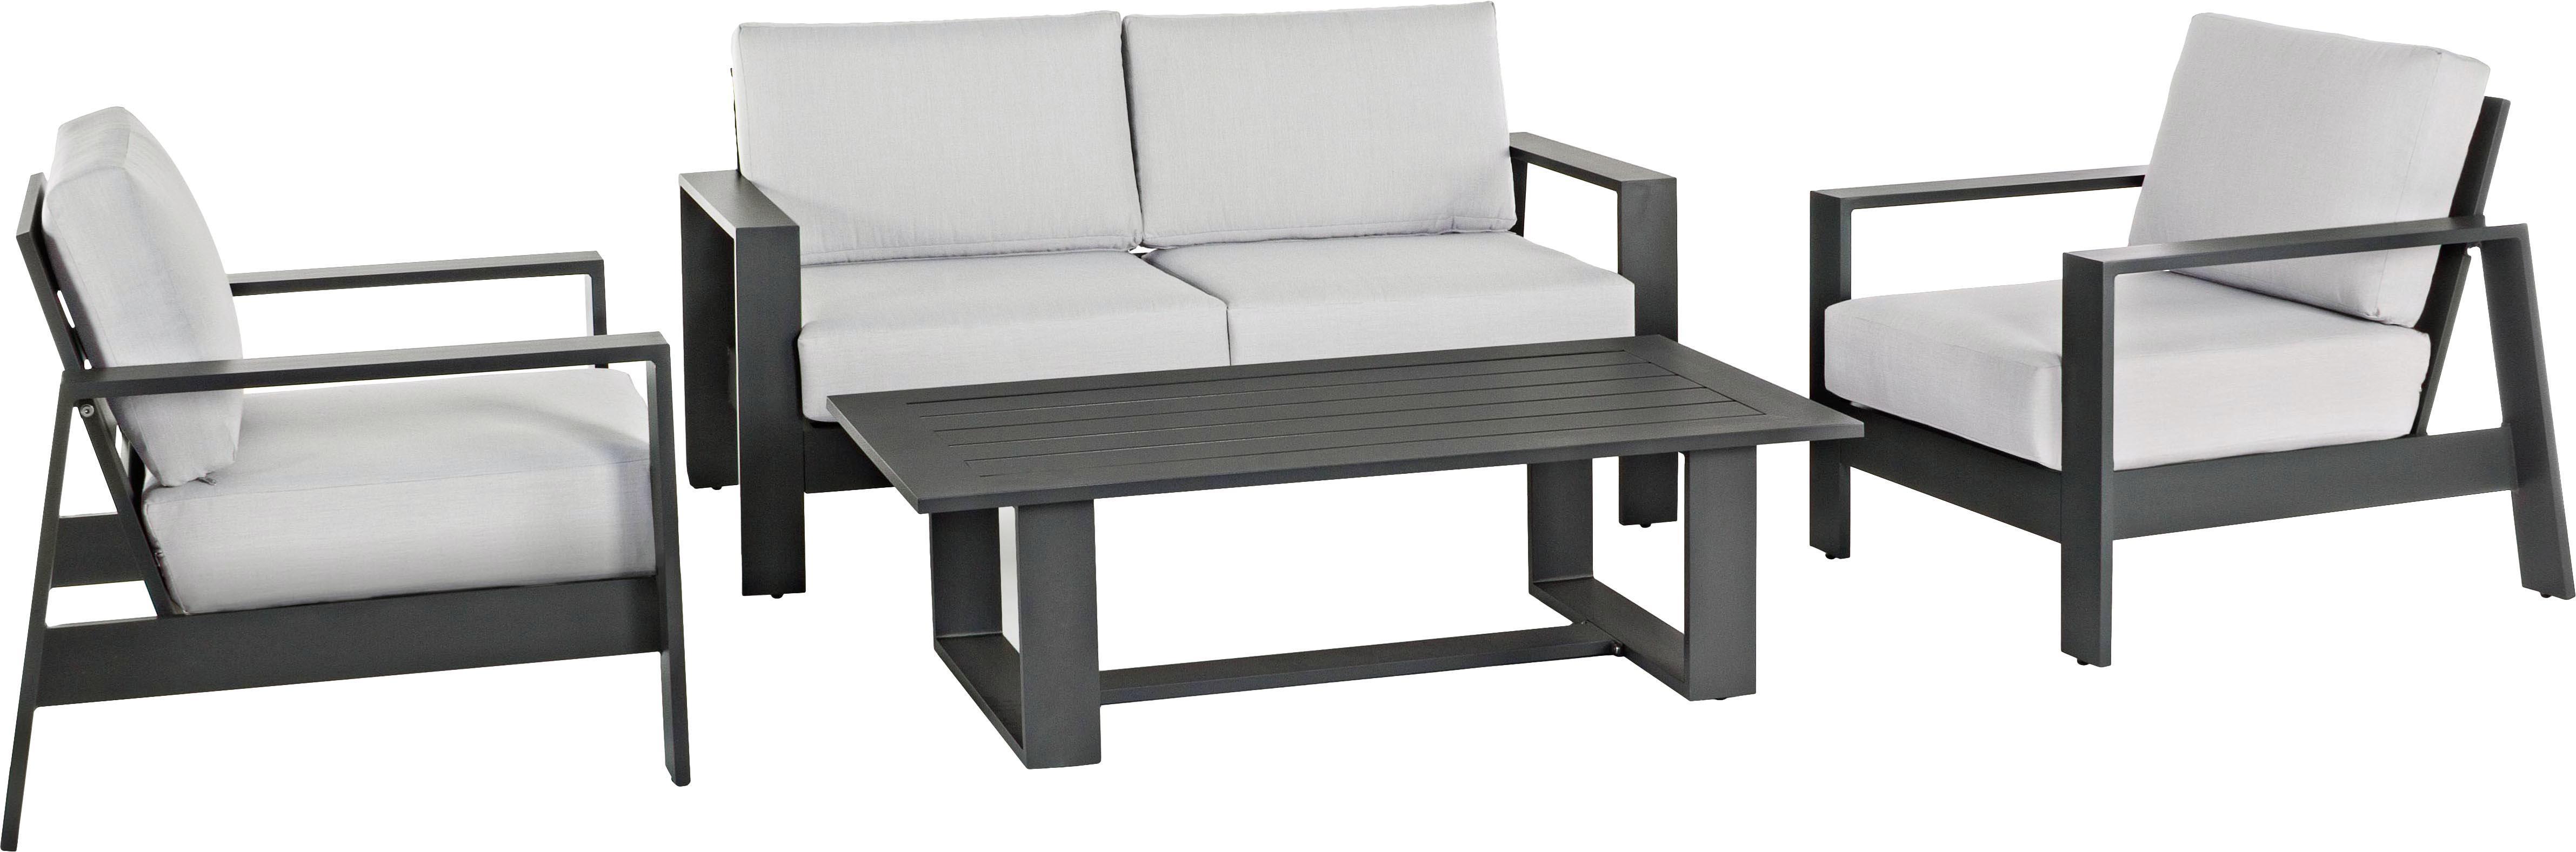 Salotto da giardino Atlantic 4 pz, Struttura: alluminio verniciato a po, Rivestimento: poliestere, Antracite, grigio chiaro, Set in varie misure